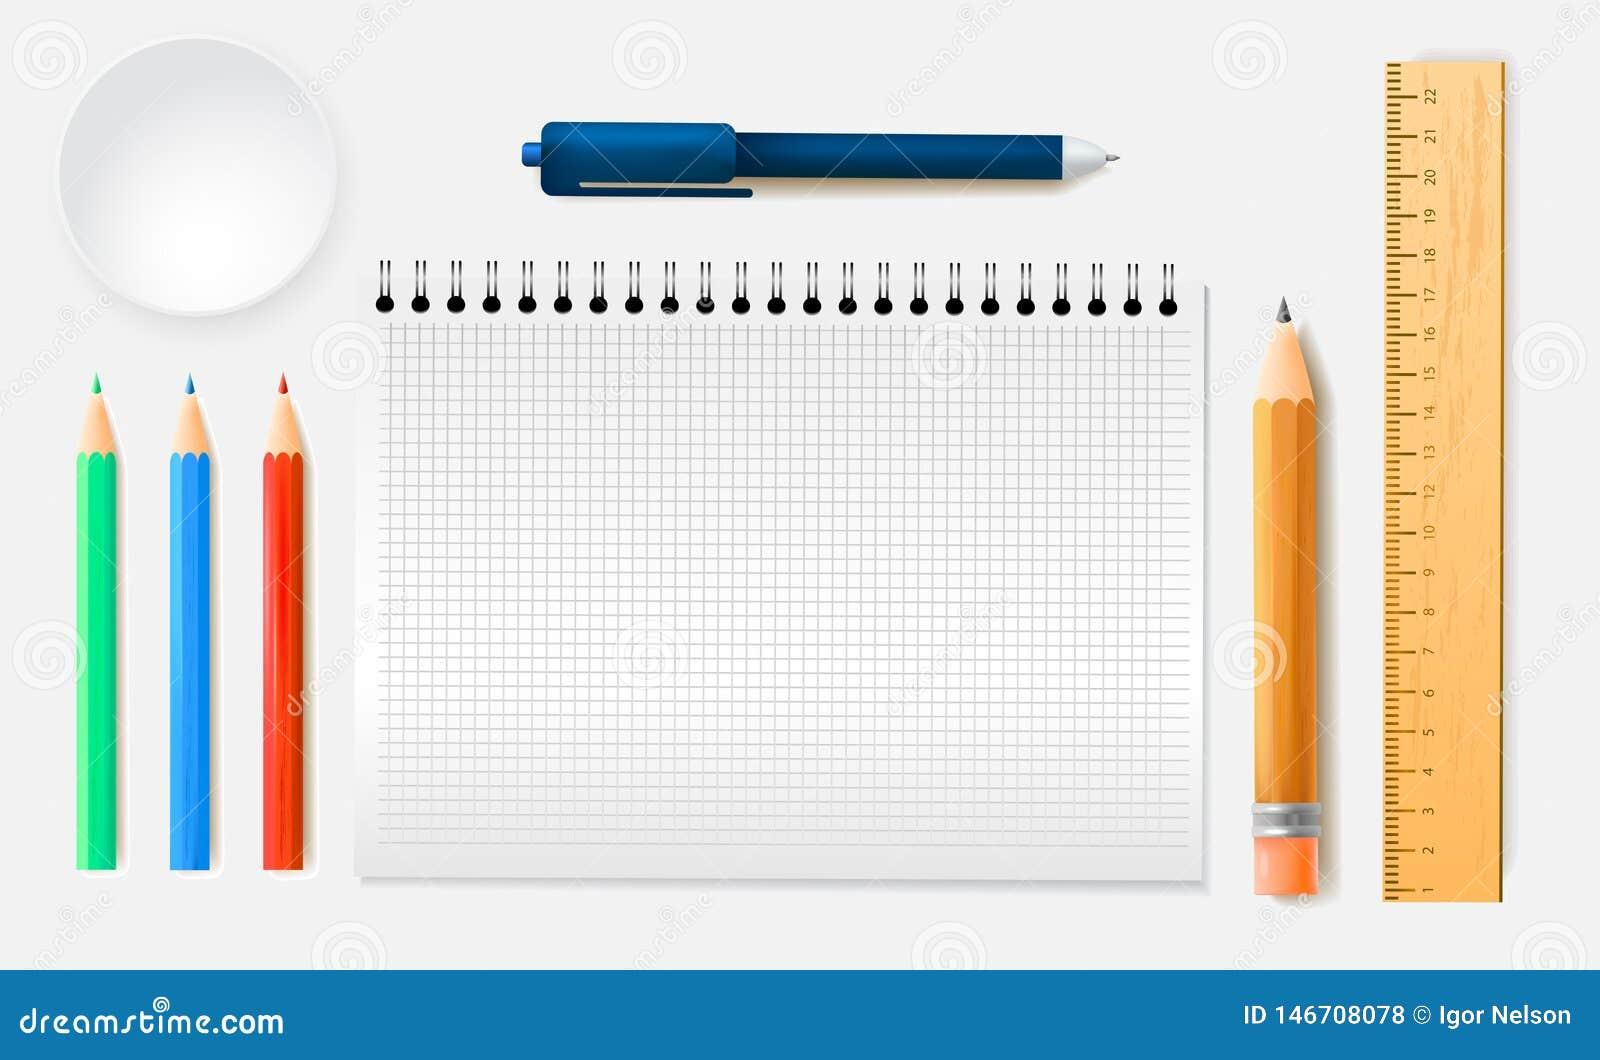 Σύνολο κατατάξεων χαρτικών μολυβιών κυβερνητών, σημειωματάριο στο ρεαλιστικό ύφος r